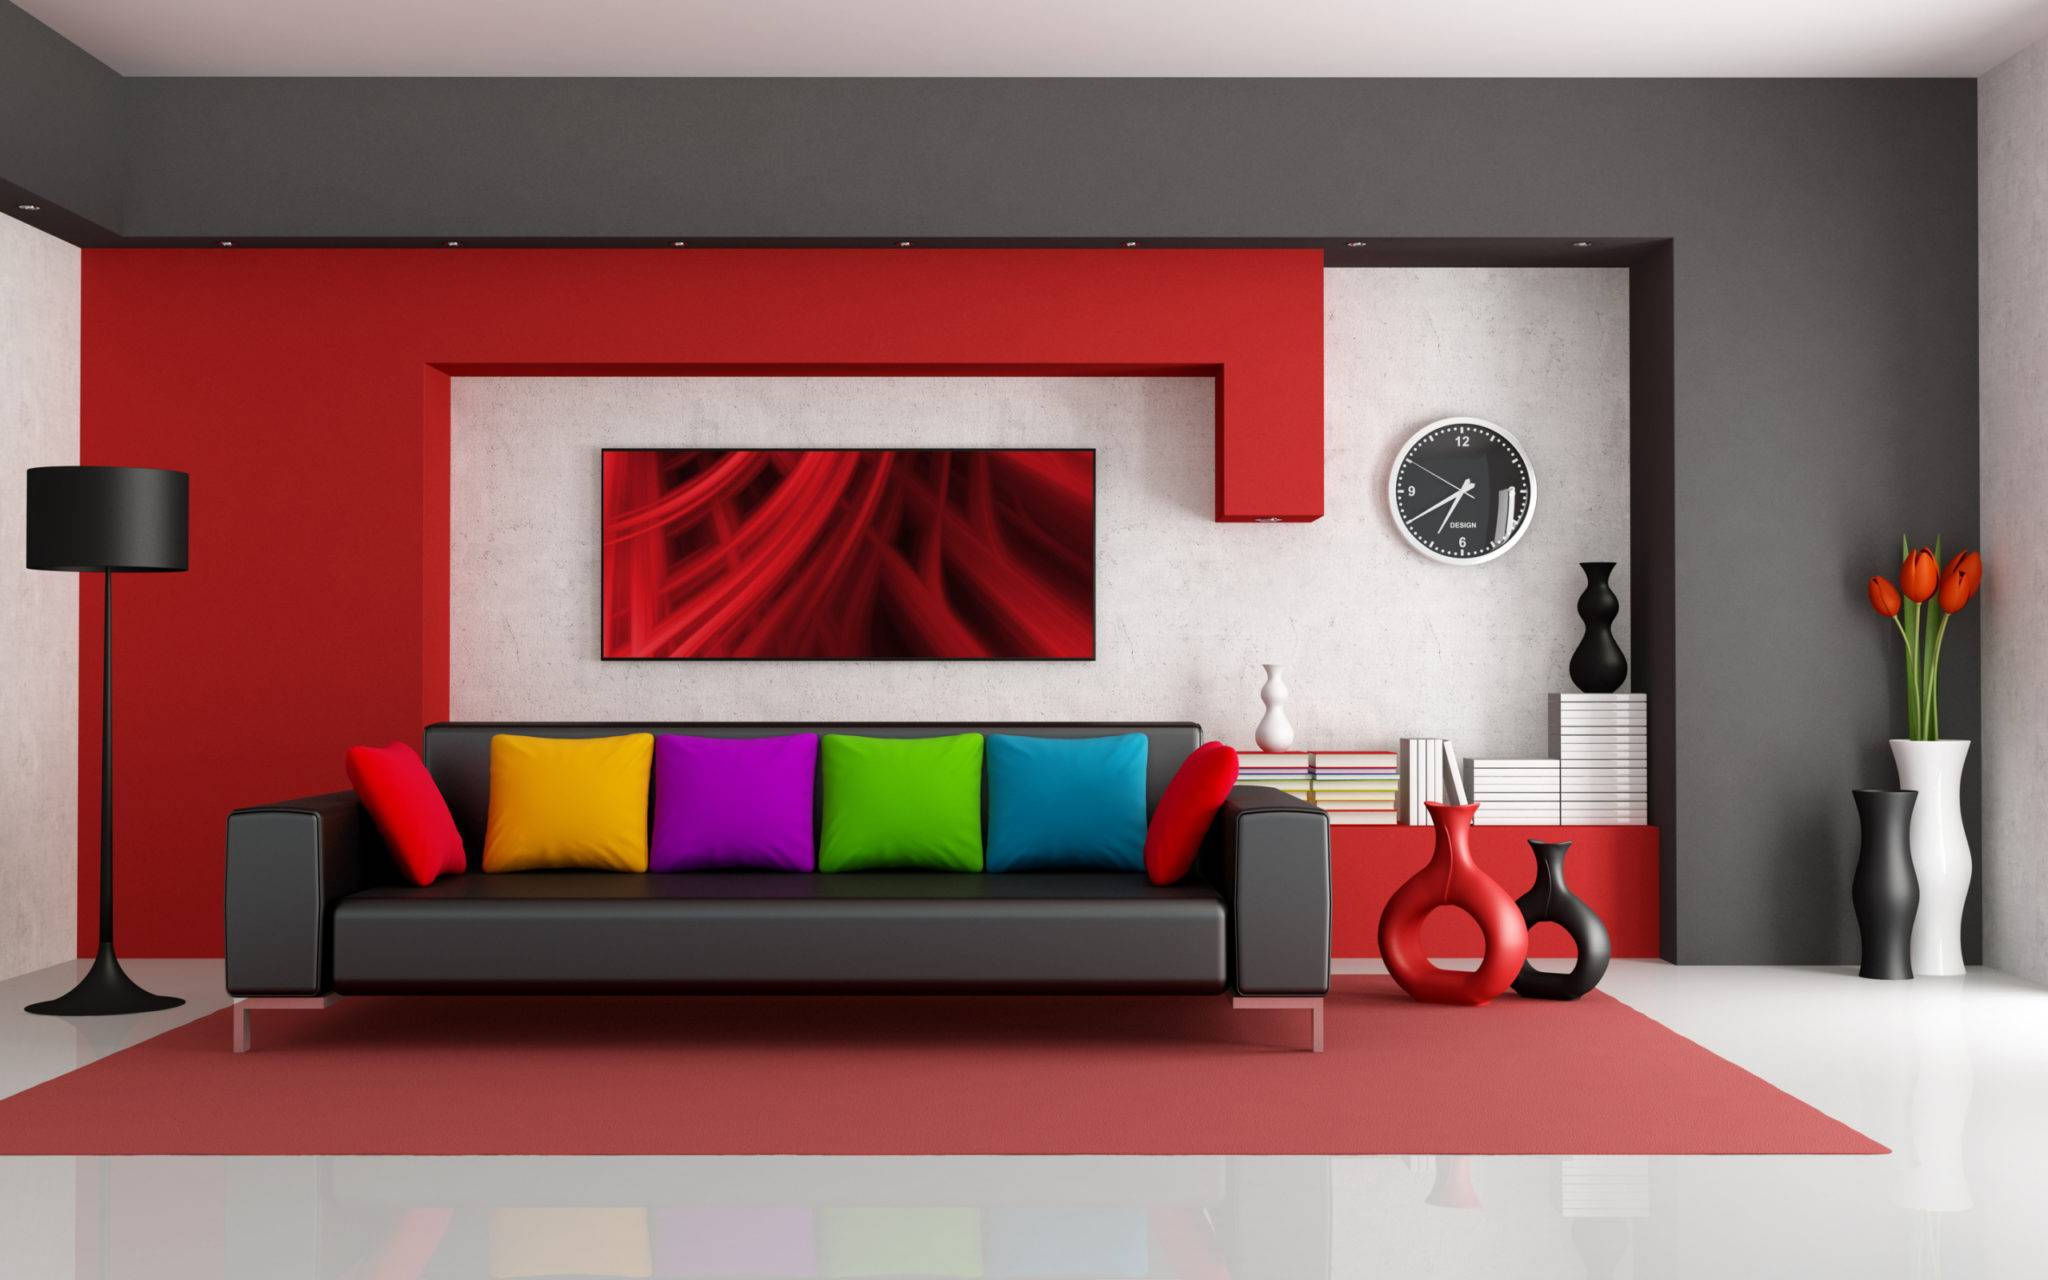 Комната для работы в вебкаме фото